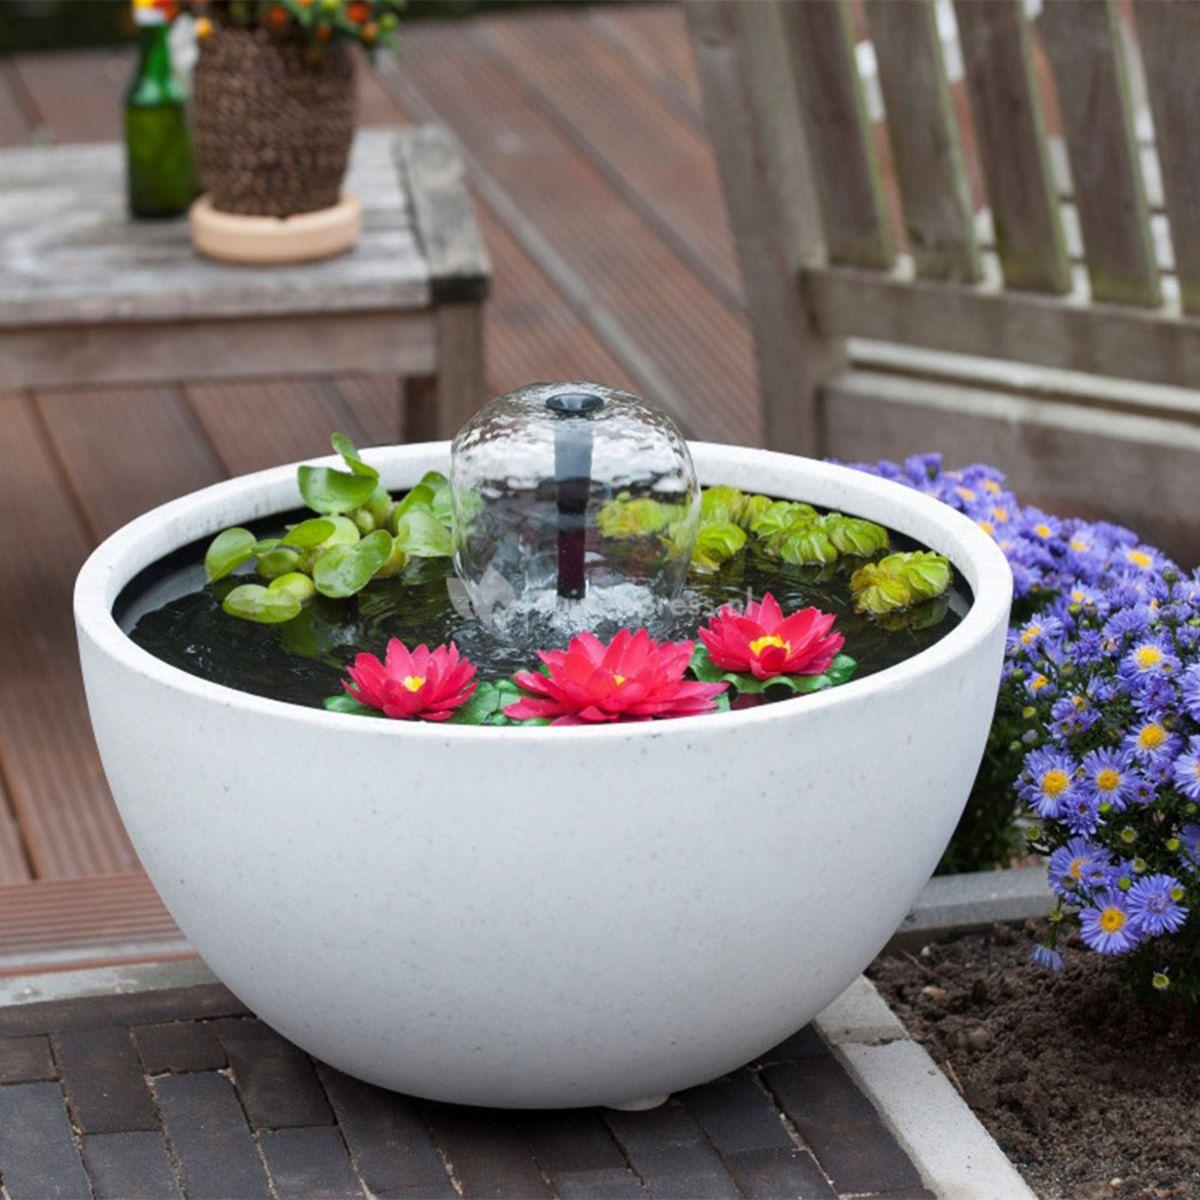 Bassin De Jardin Mini Bassin Rond 55 Cm Blanc + Pompe Mini ... intérieur Bassin De Jardin Pas Cher